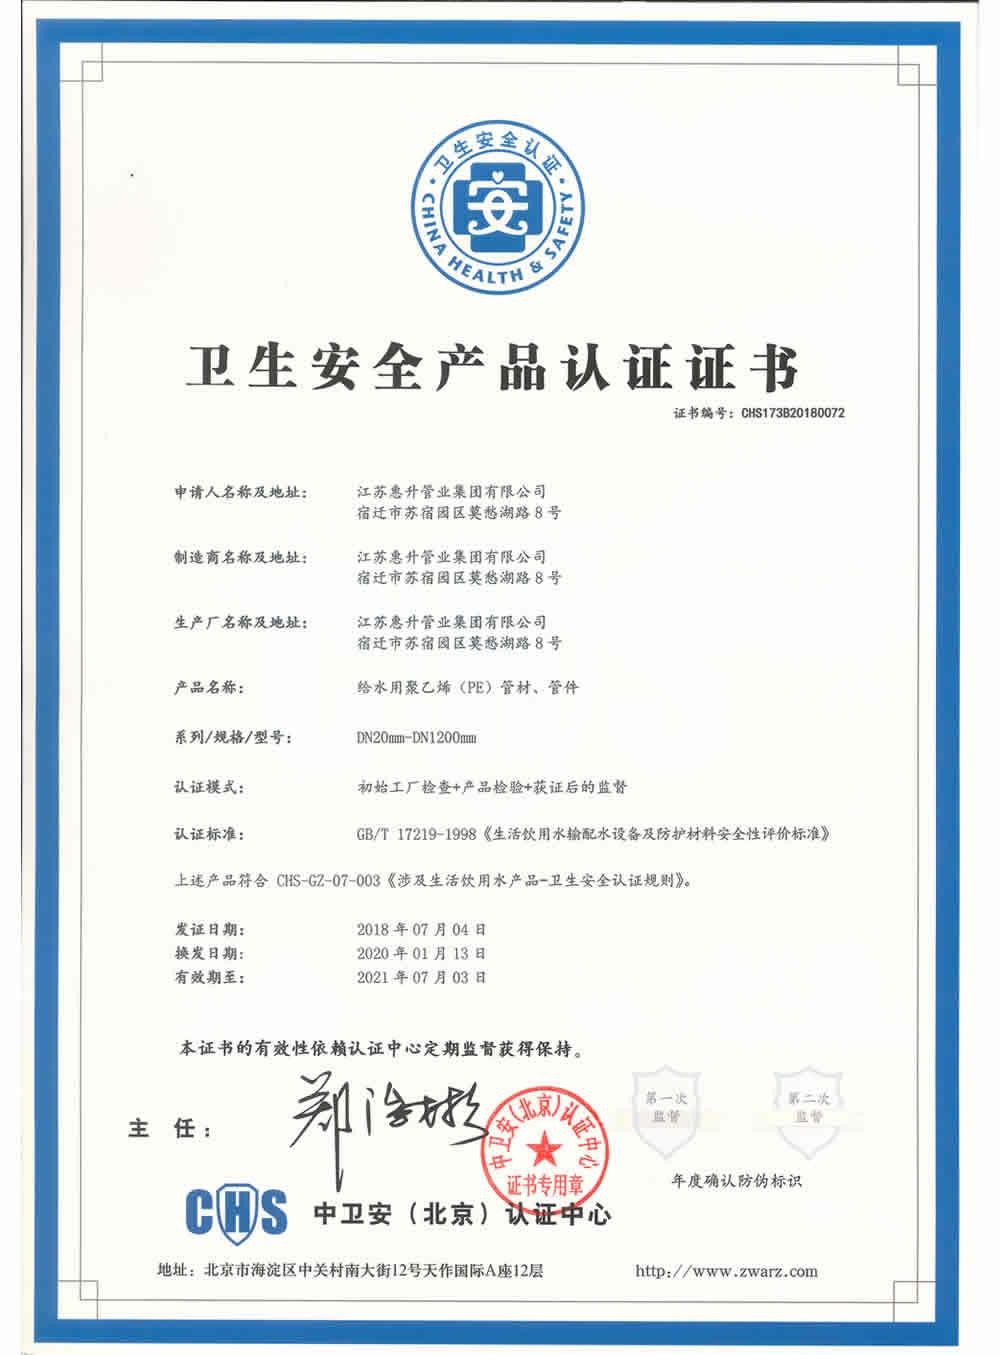 卫生安全产品认证证书2020